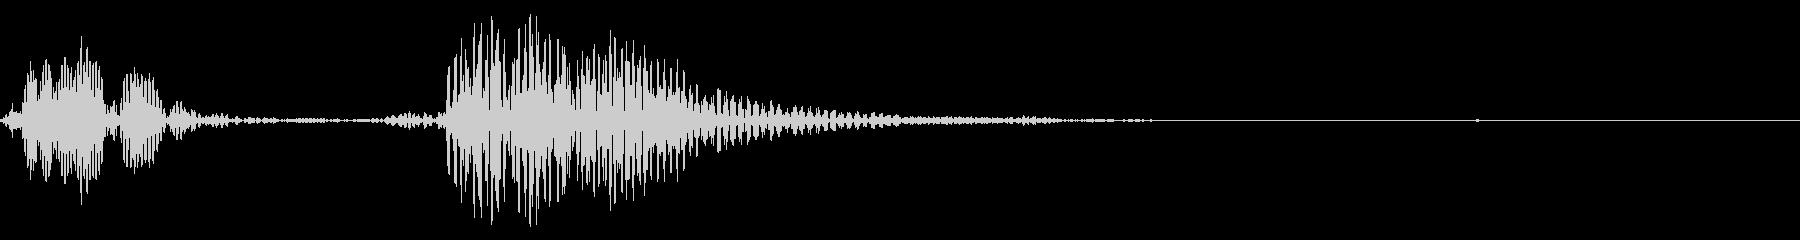 ピピッ(アプリ決定音やチャットの送信音)の未再生の波形